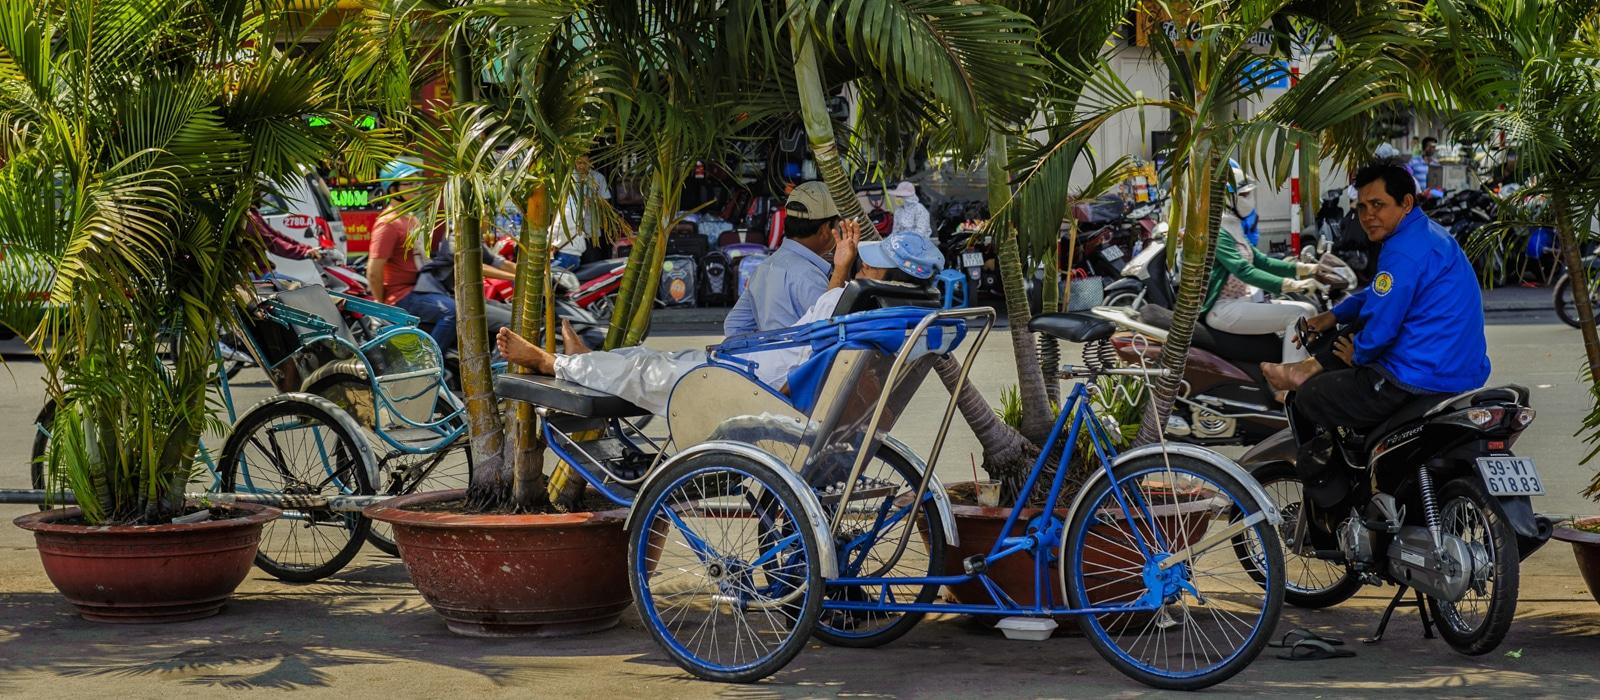 img-diapo-entete - Vietnam-1600x700-5.jpg